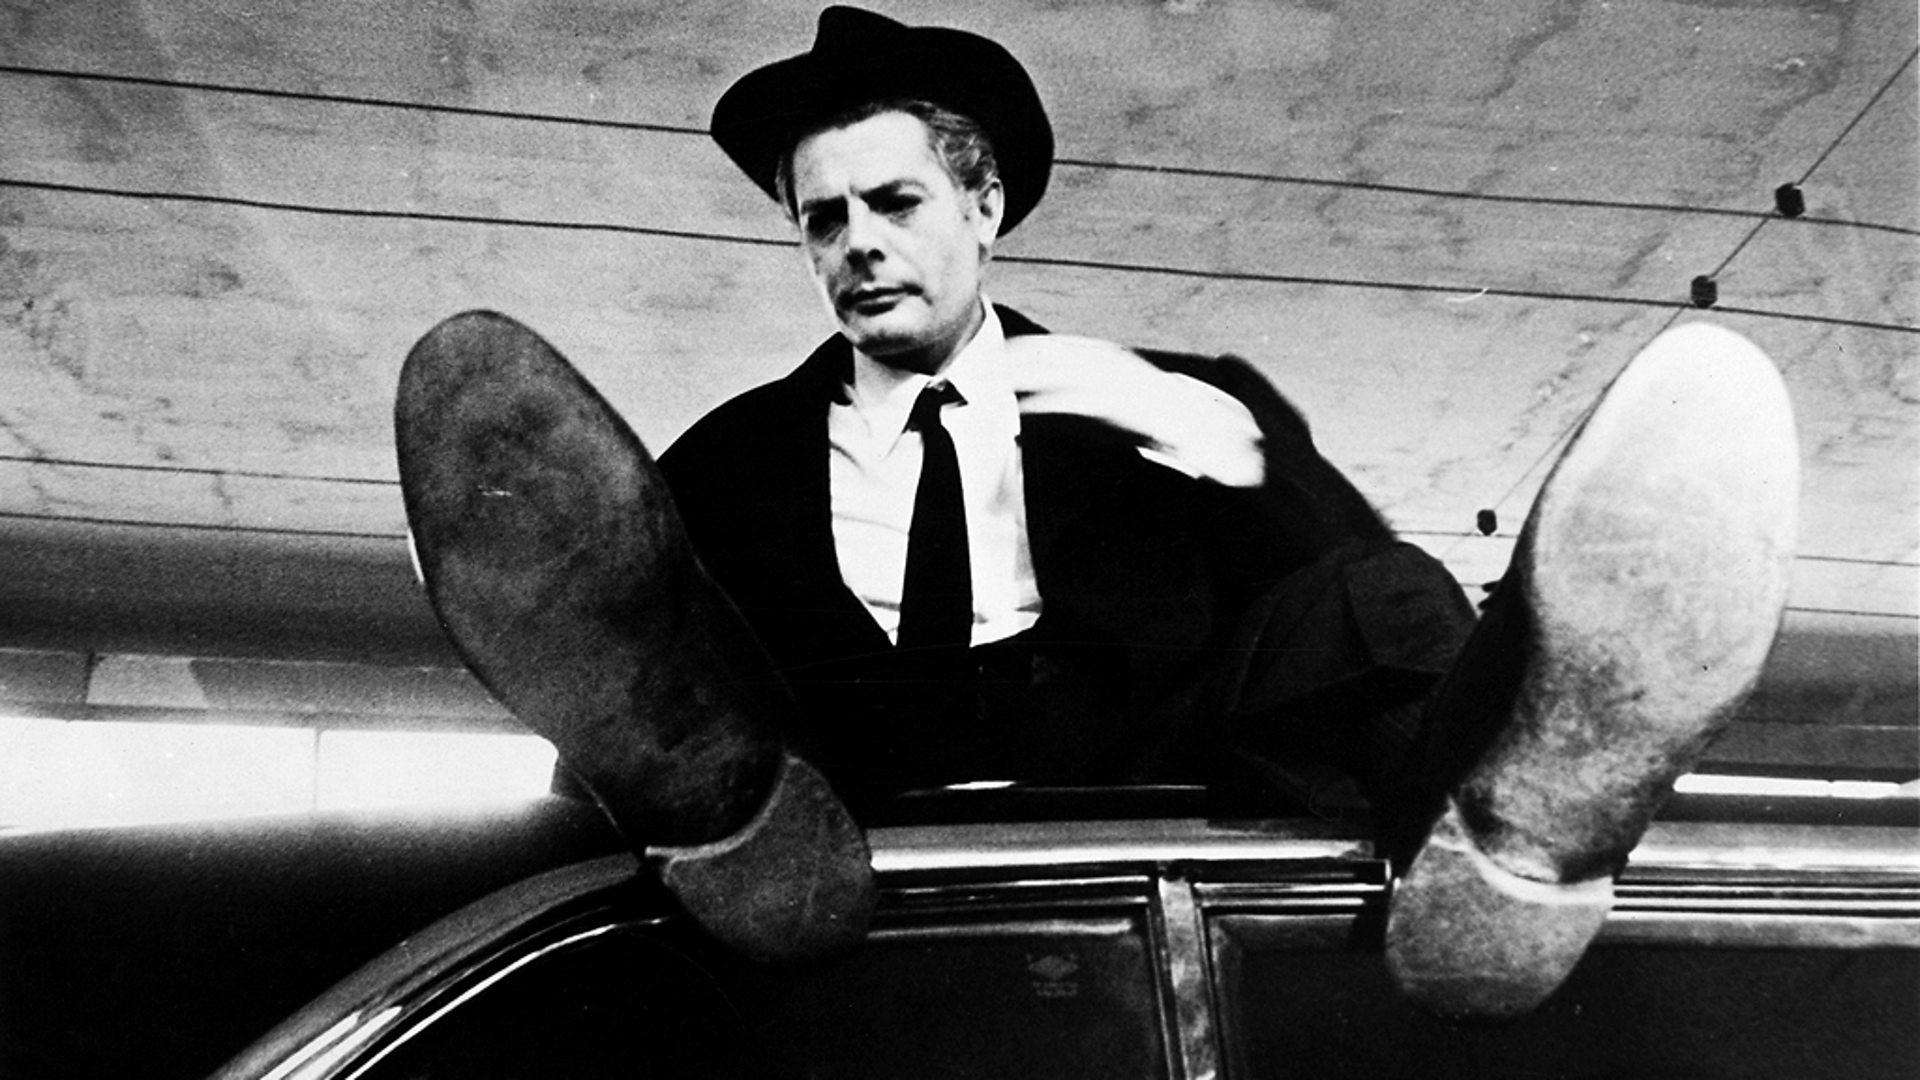 BBC Arts - BBC Arts - 8½: Fellini's masterpiece restored